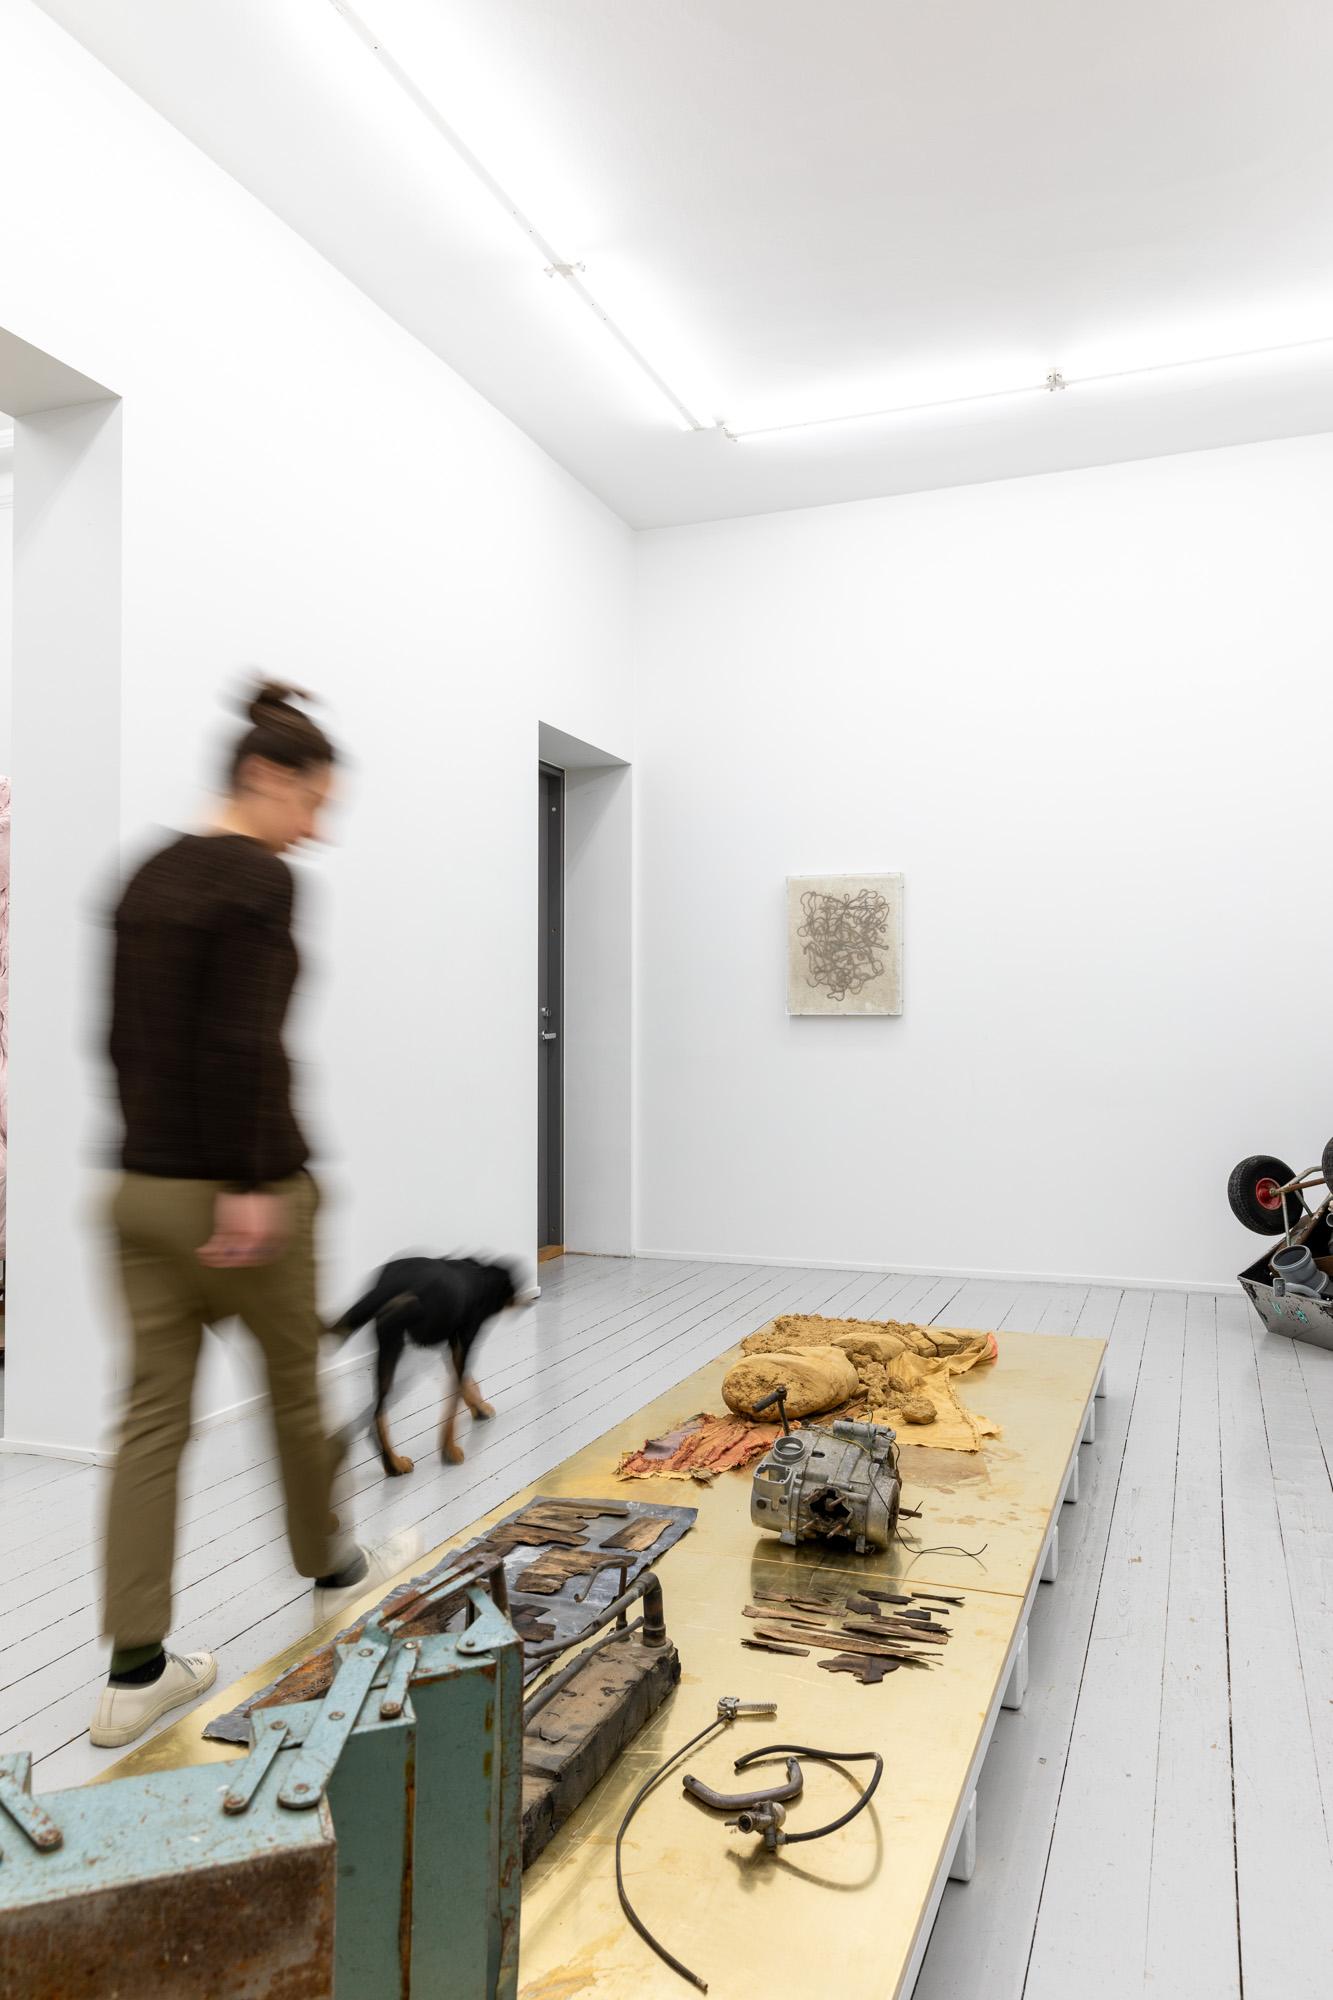 Installation view, Éva Mag, Det finns en plan för det här, 2020/2021, Galleri Riis